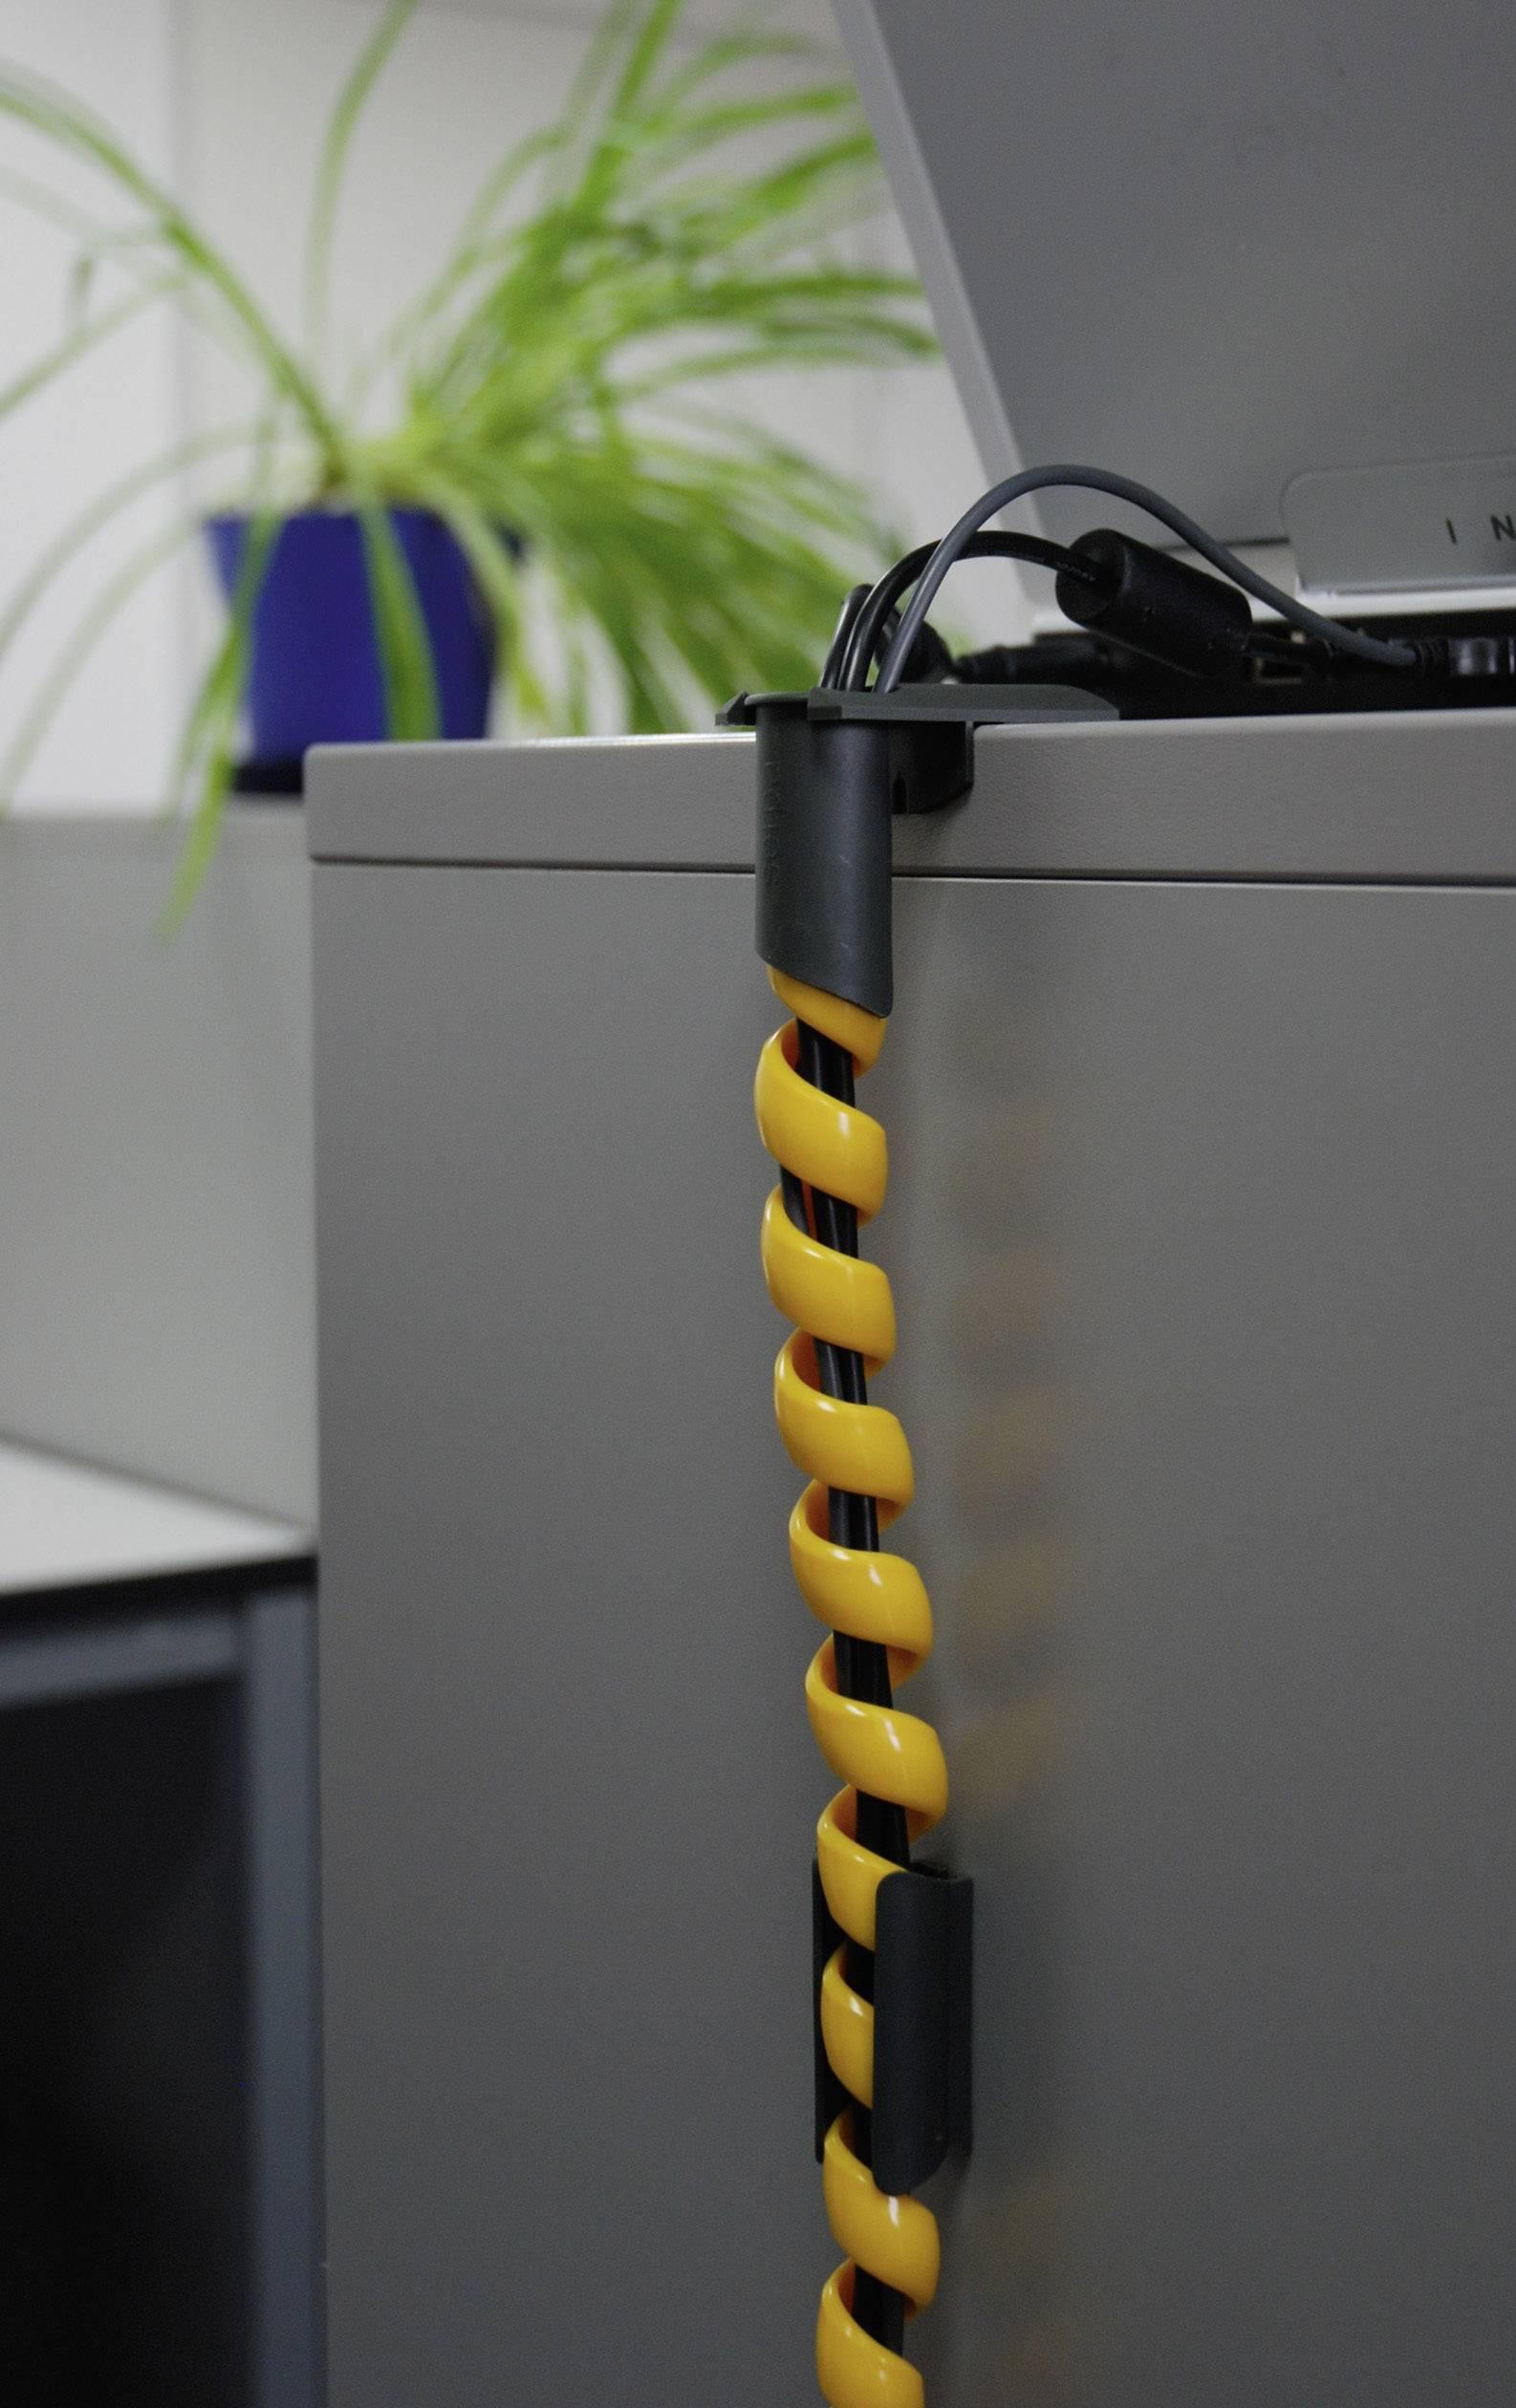 Špirálový káblový oplet Serpa 5.04003.1028 5.04003.1028, žltá, 1 sada